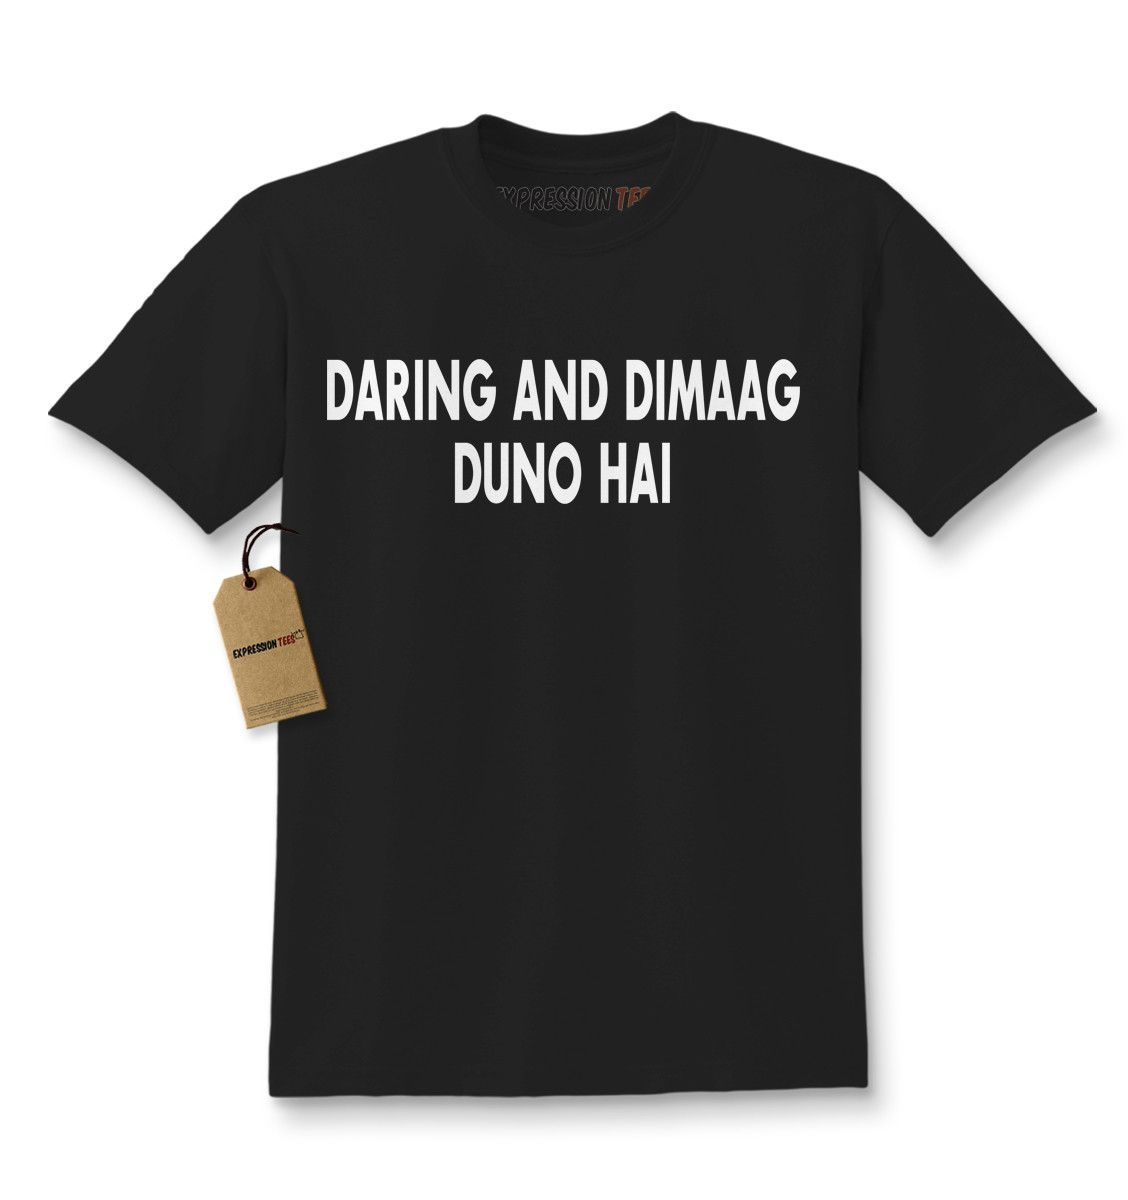 Expression Tees Daring And Dimaag Duno Hai SRK Kids T-shirt